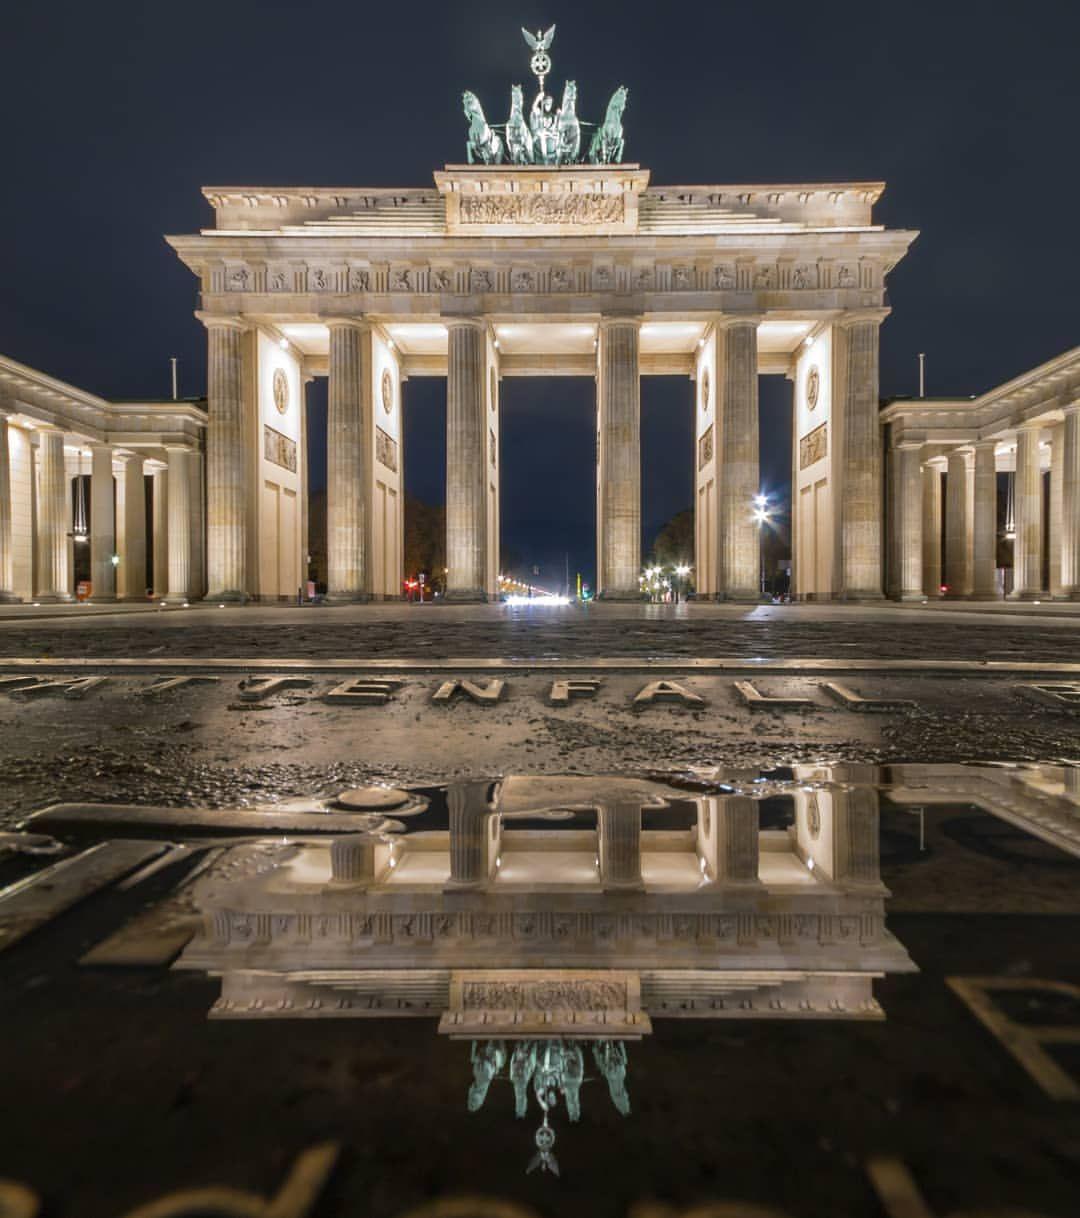 Karsten Auf Instagram More Open Gates Berlin Visit Berlin Ig Deutschland Ig Berlin Officialfanofberlin Be Schone Gebaude Berlin Geschichte Visit Berlin